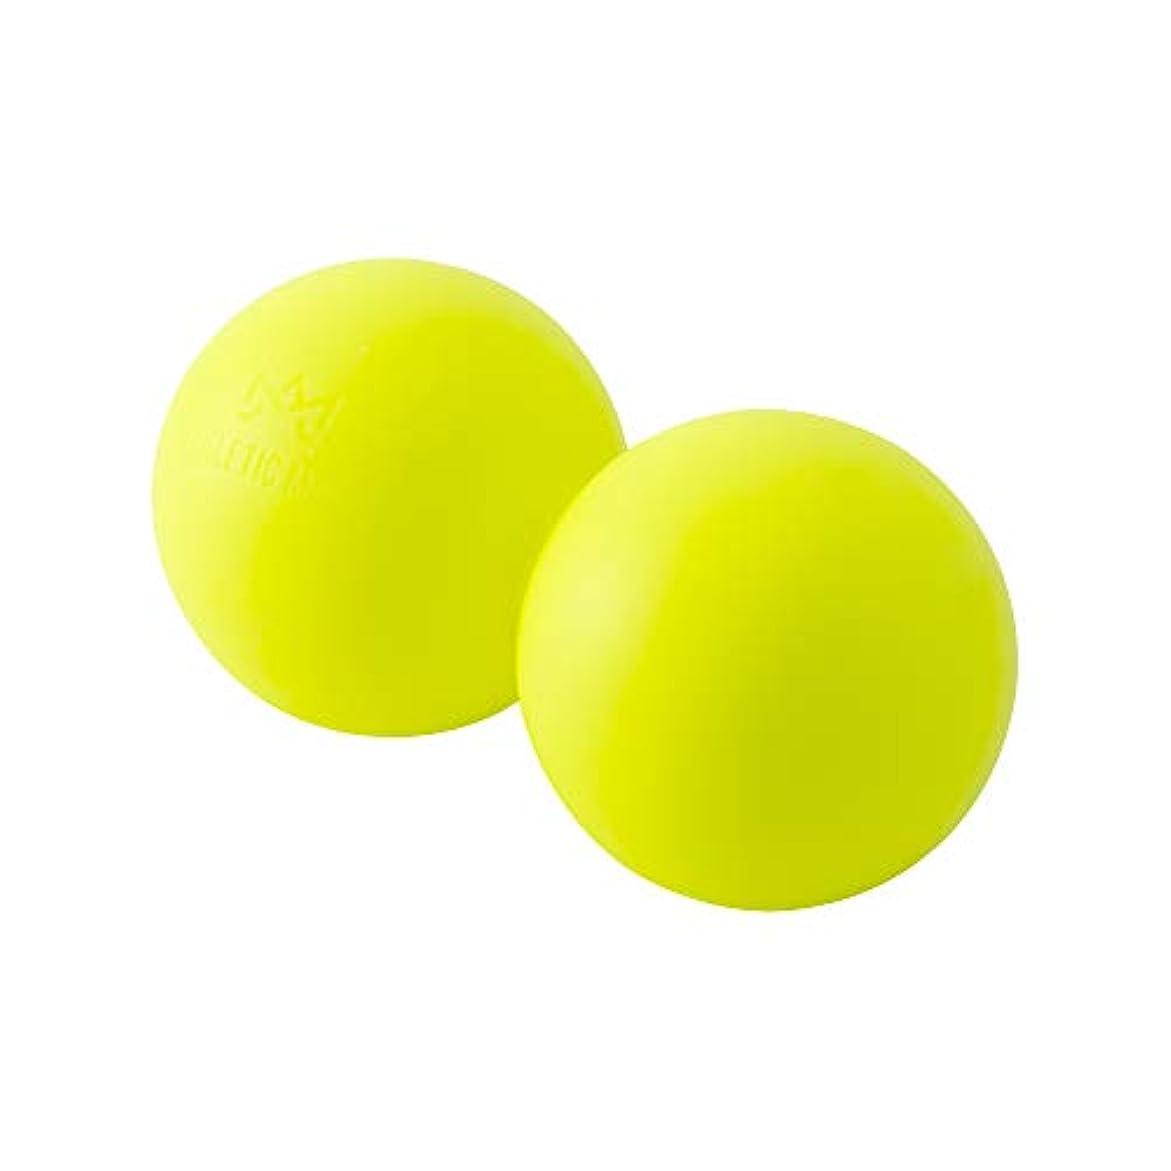 消費する数値苦味ATHLETIC MART ピーナッツ型ストレッチボール マッサージボール ラクロスボール2個サイズ ツボ押し (蛍光イエロー)